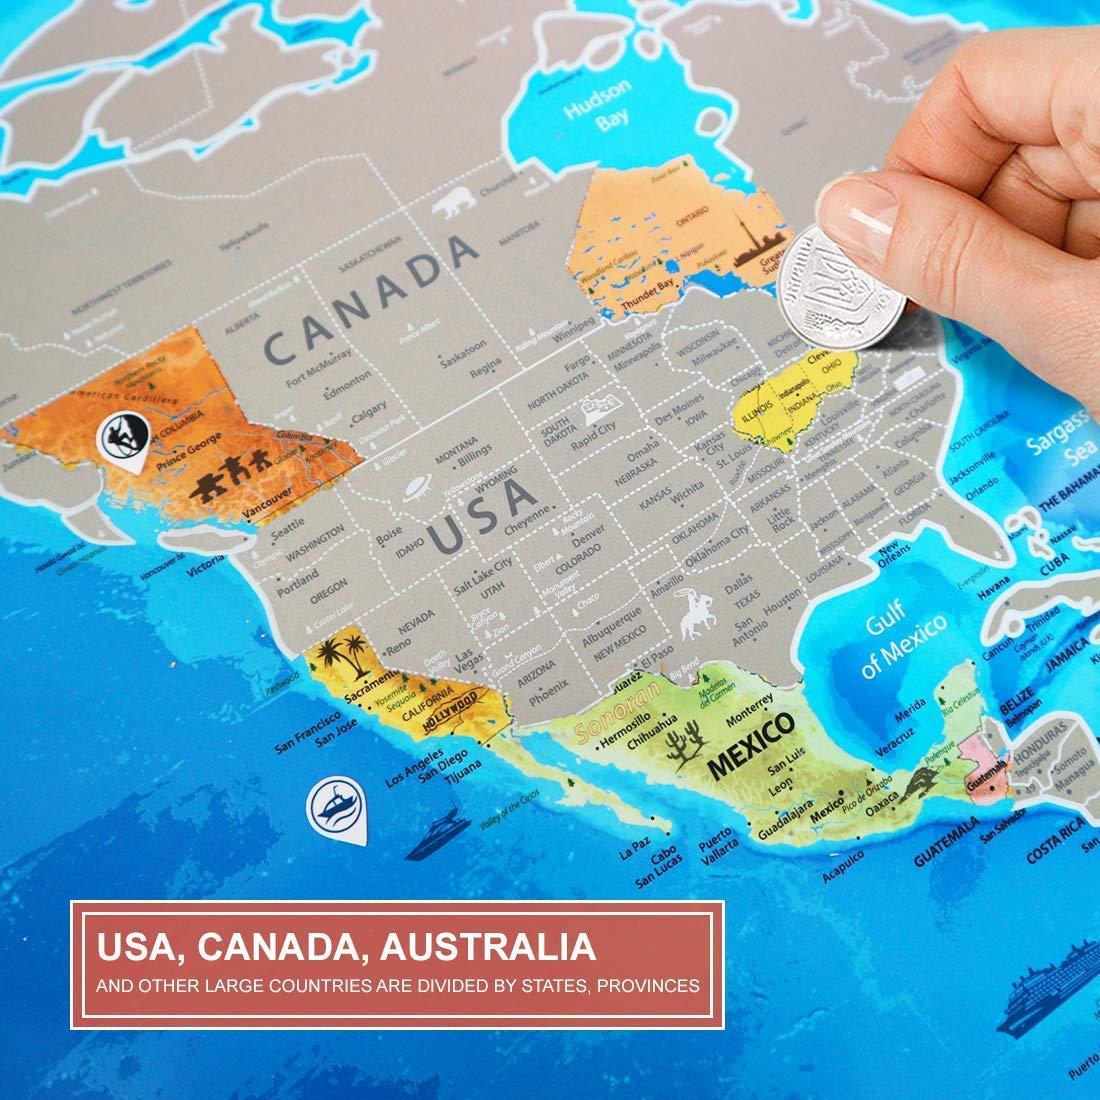 Cartina Mondo Gratta.Mappa Del Mondo Da Grattare Dettagliata Regalo Per Viaggiatori Cartina Mondo Da Grattare Grande Argento Xxl 88 X 62 Cm Scratch Off World Travel Map Poster Mappa Viaggi Con Adesivi Geografia Happytech Mappe